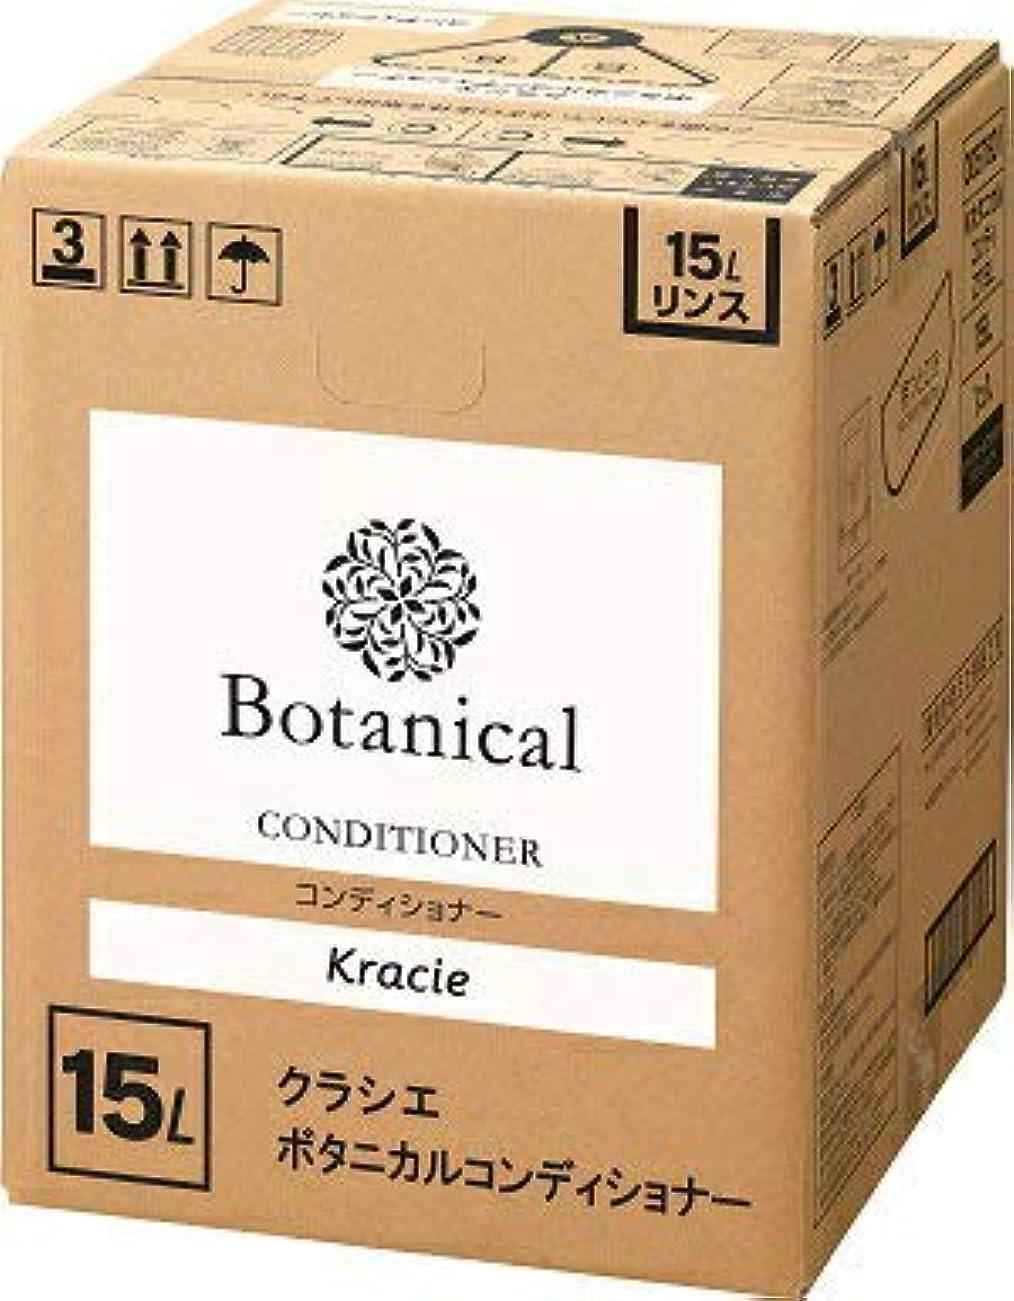 具体的に石炭脱獄Kracie クラシエ Botanical ボタニカル コンディショナー 15L 詰め替え 業務用